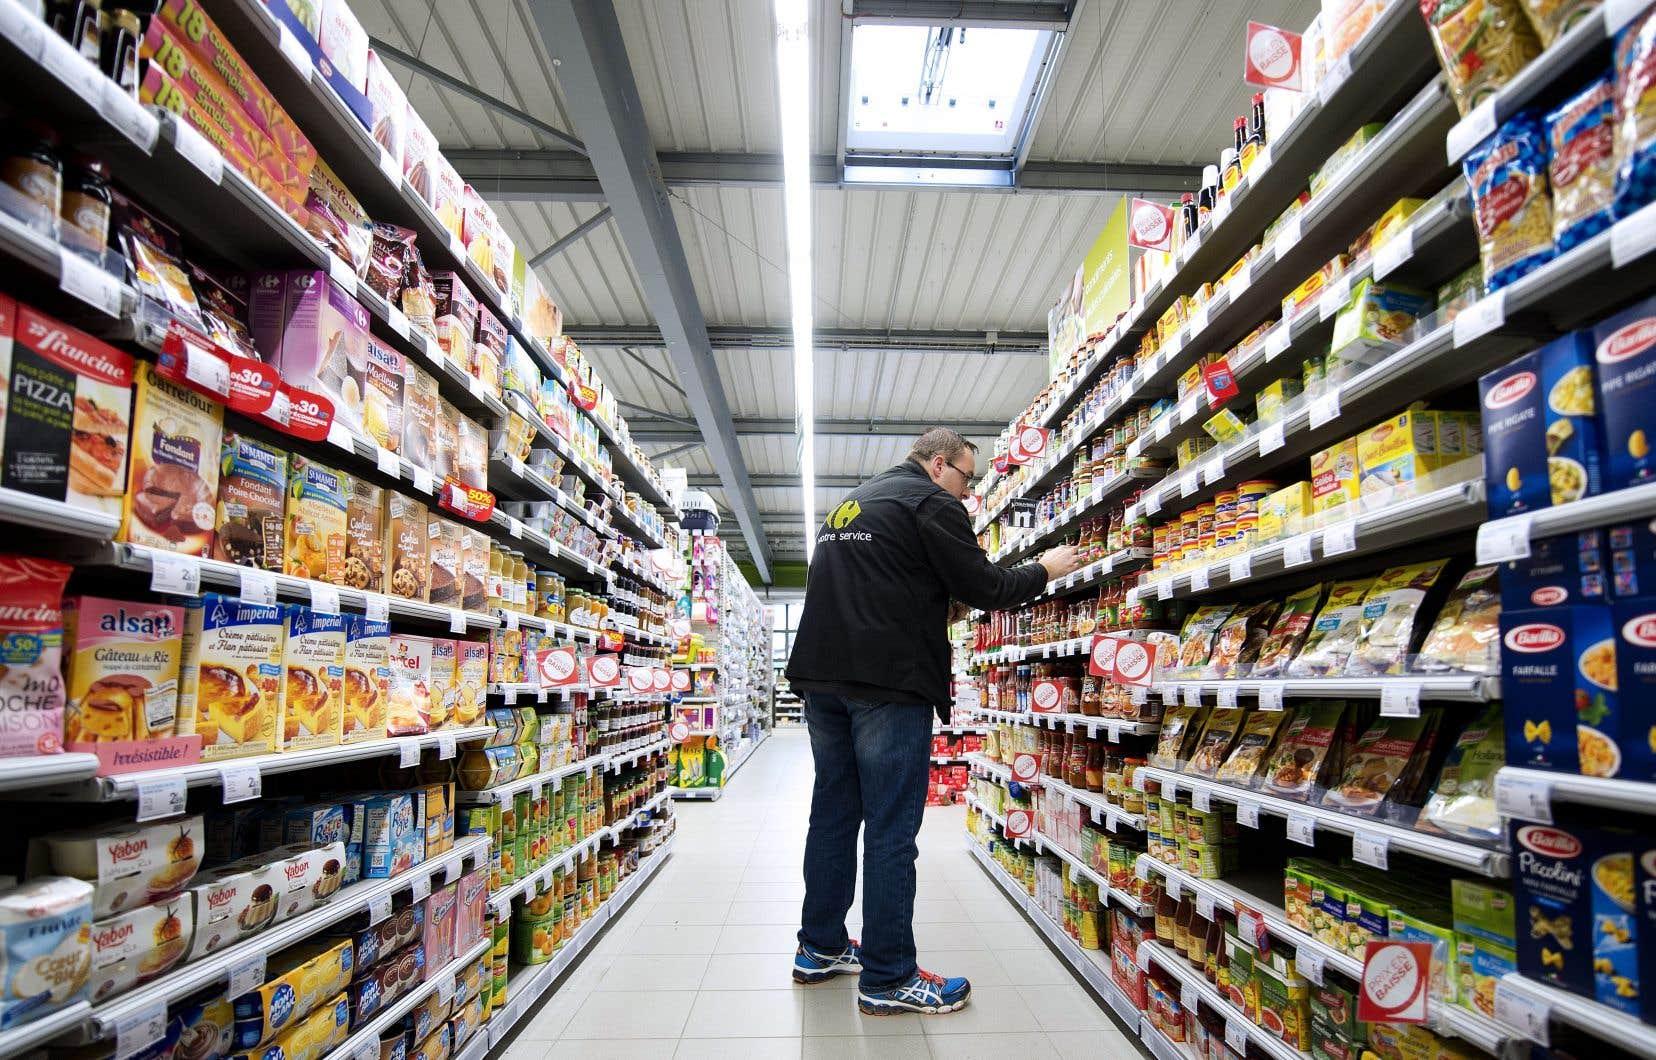 En France, le géant Carrefour a réalisé 894millions d'euros de profit en 2016 et reversé 510millions d'euros de dividendes.